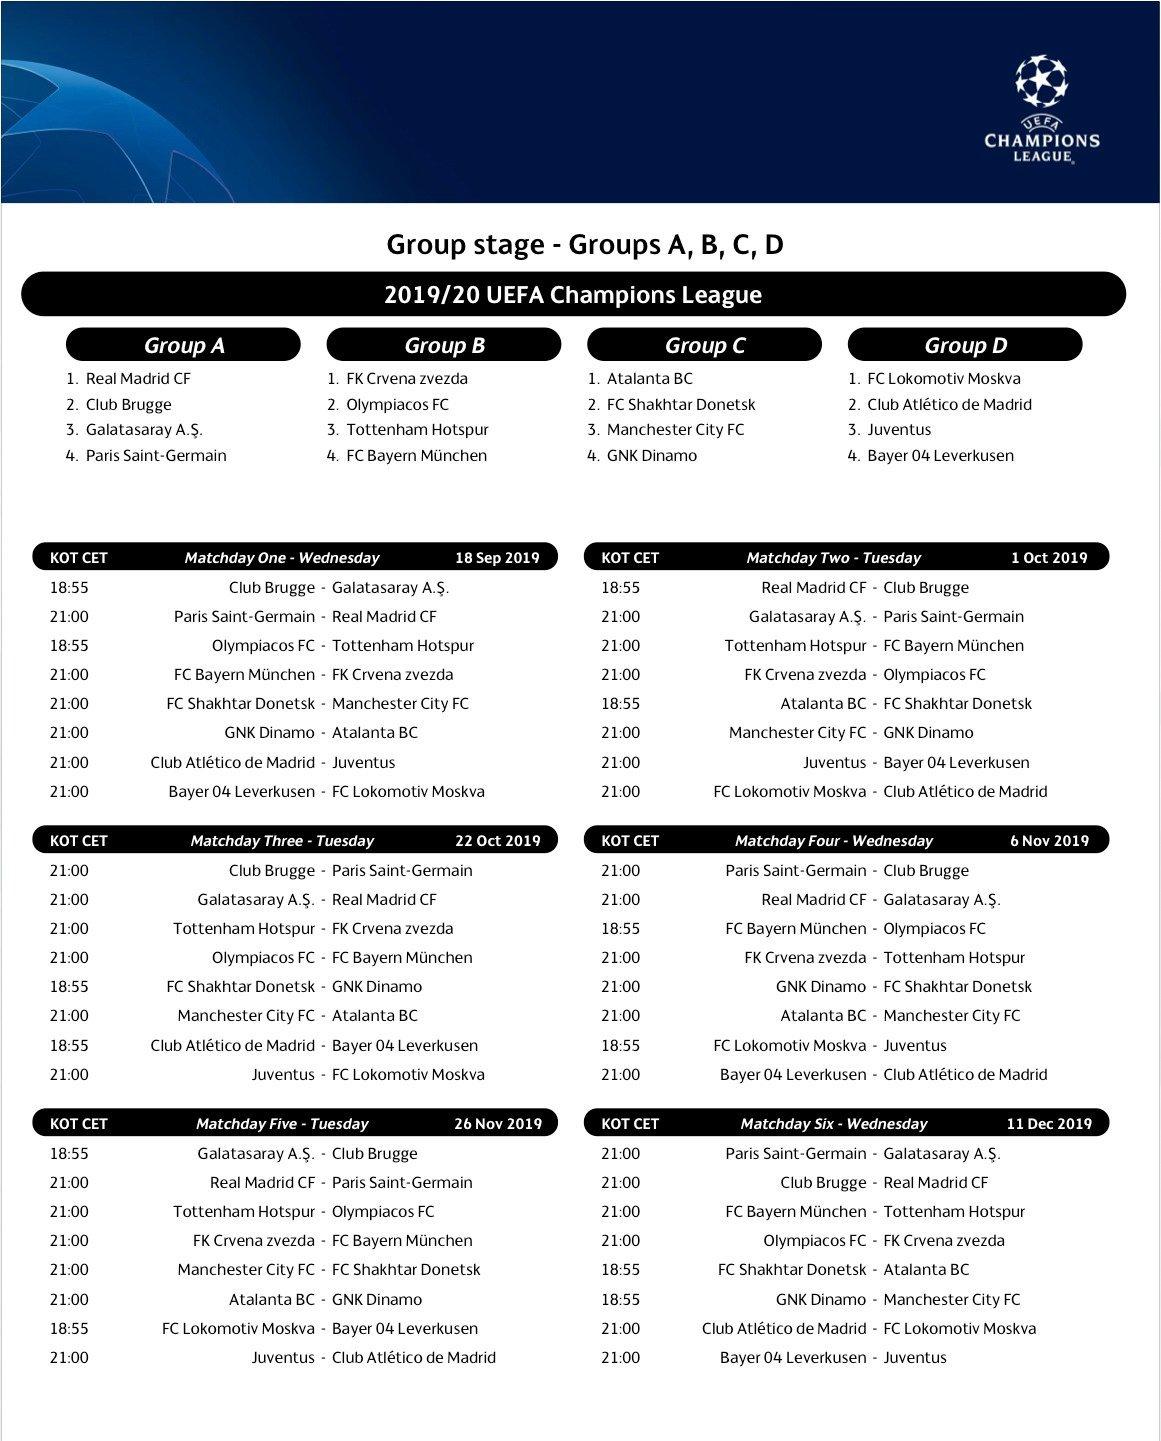 Uefa Calendrier 2020.News Pros U19 Les Calendriers De La Ldc Et De L Uefa Youth